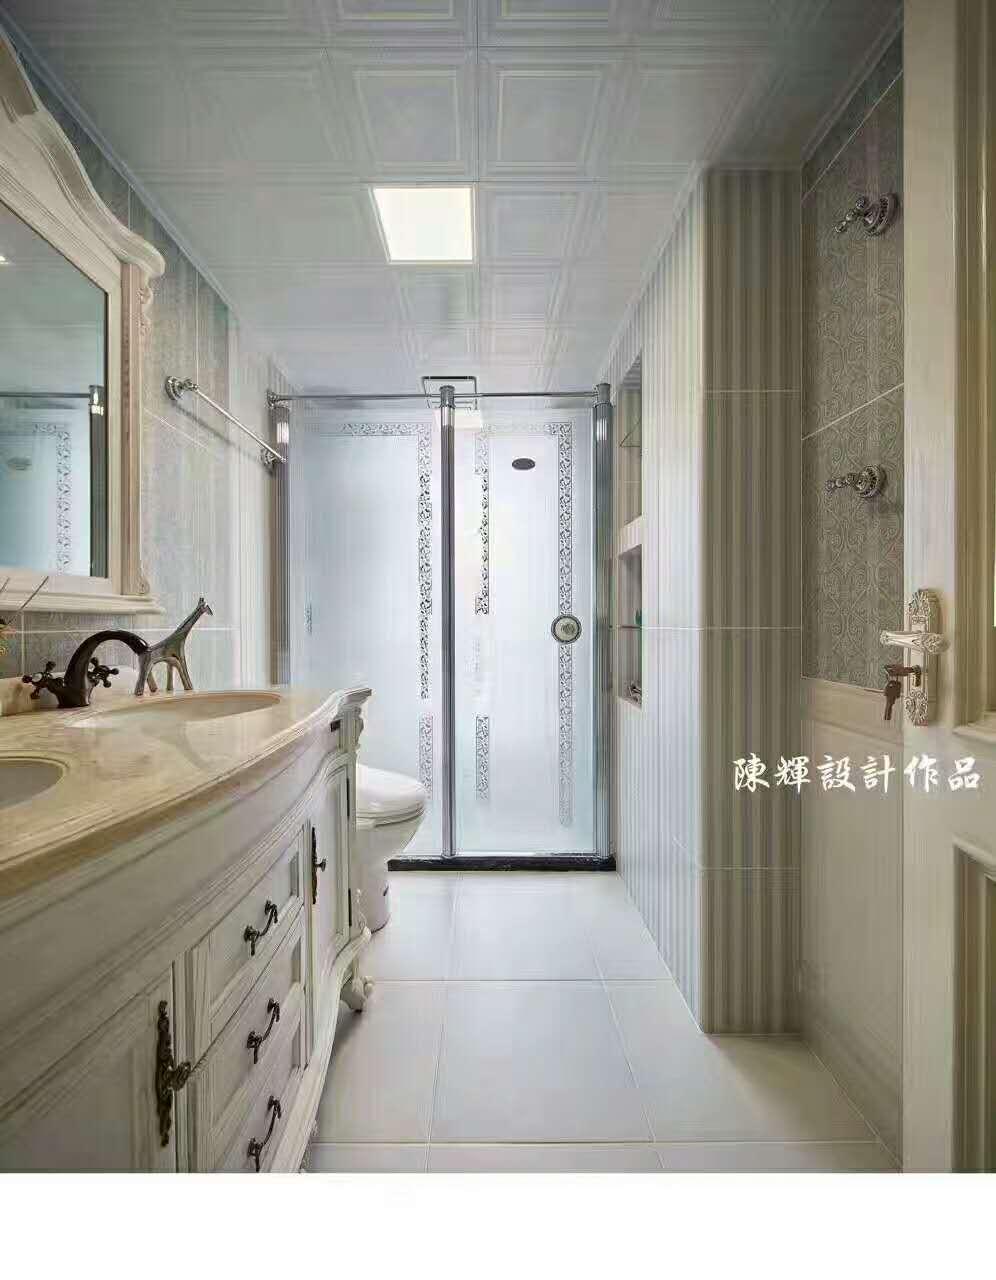 卫生间图片来自日升嬛嬛在西市佳境四居室现代美式风格装修的分享